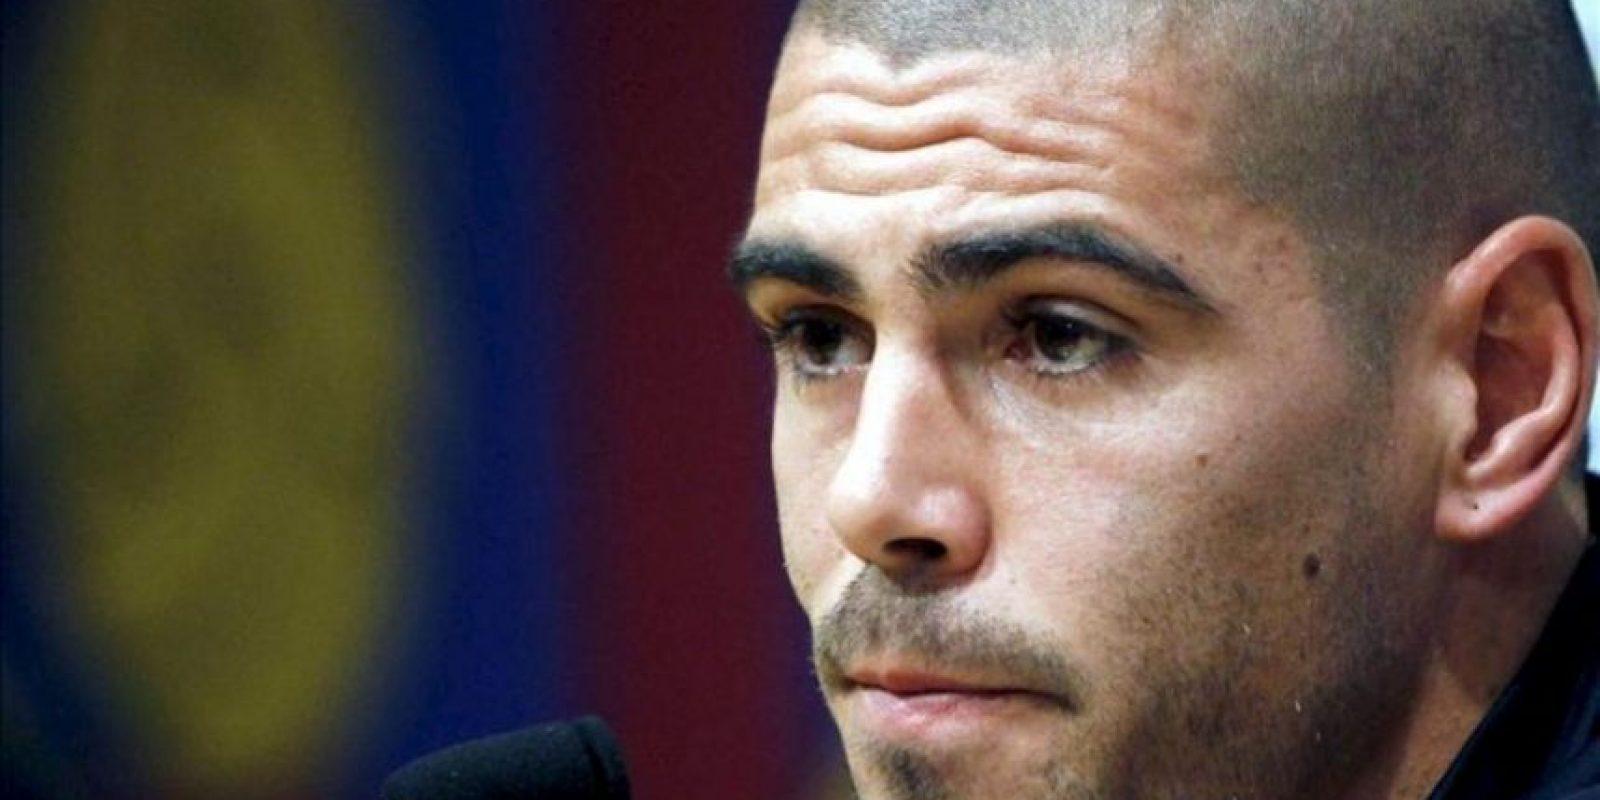 El portero titular del Barça, Víctor Valdés, durante la rueda de prensa que ha ofrecido hoy en el Camp Nou para argumentar su adiós del club cuando finalice su contrato, el 30 de junio del 2014. EFE